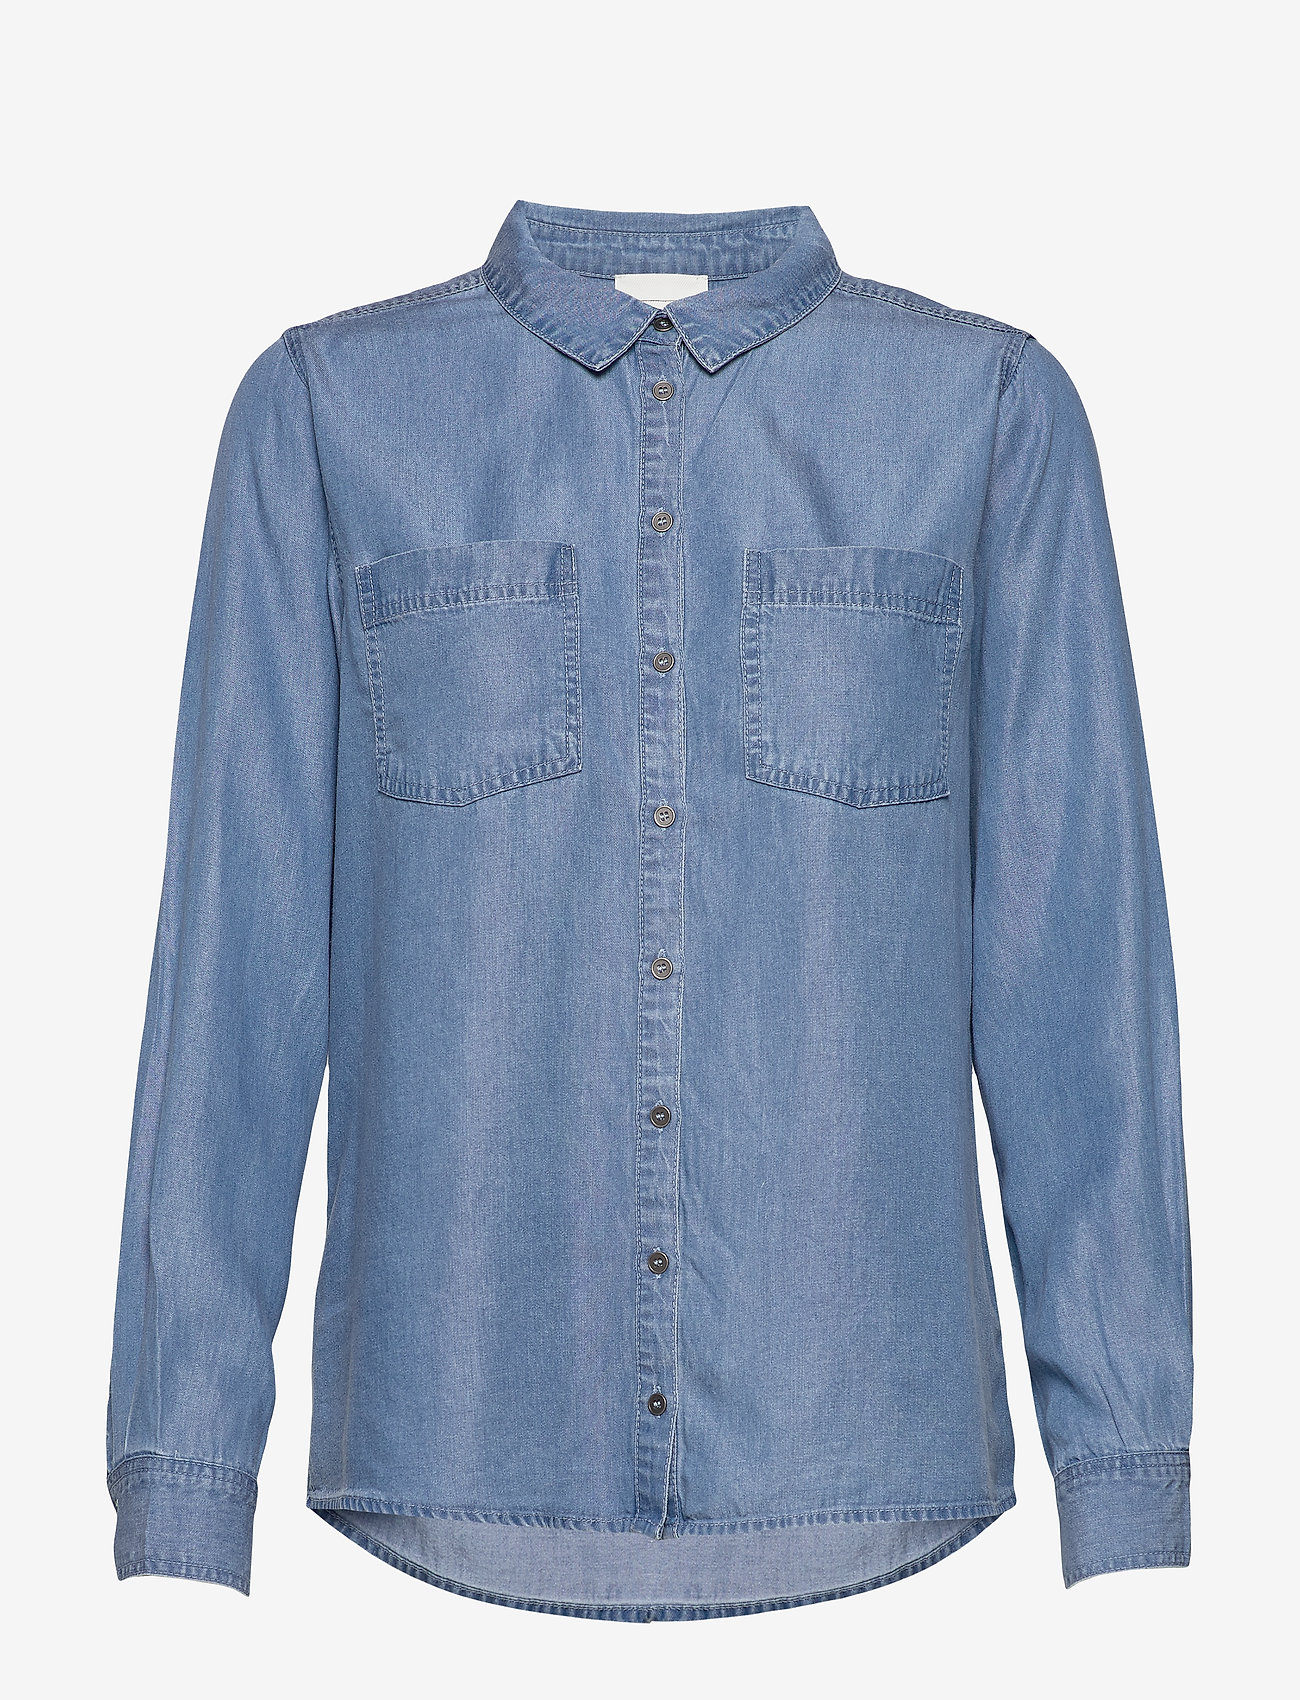 Denim Hunter - 15 THE DENIM SHIRT - jeansskjortor - light denim blue - 1